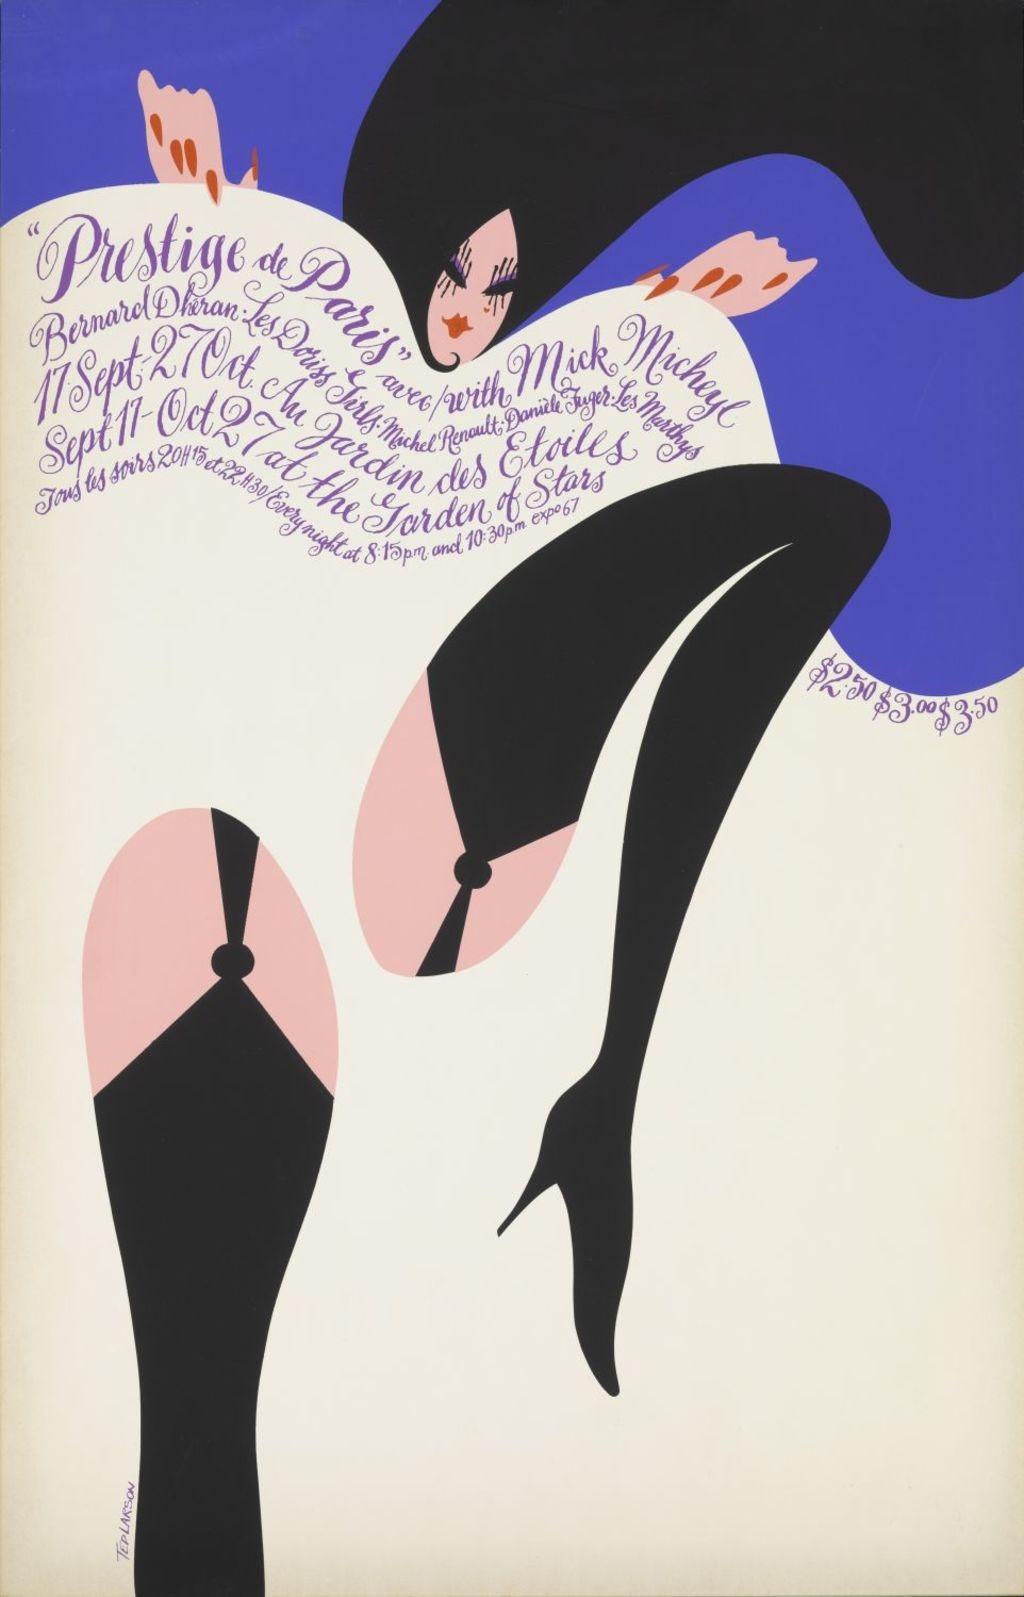 Affiche « Prestige de Paris » (Expo 67)